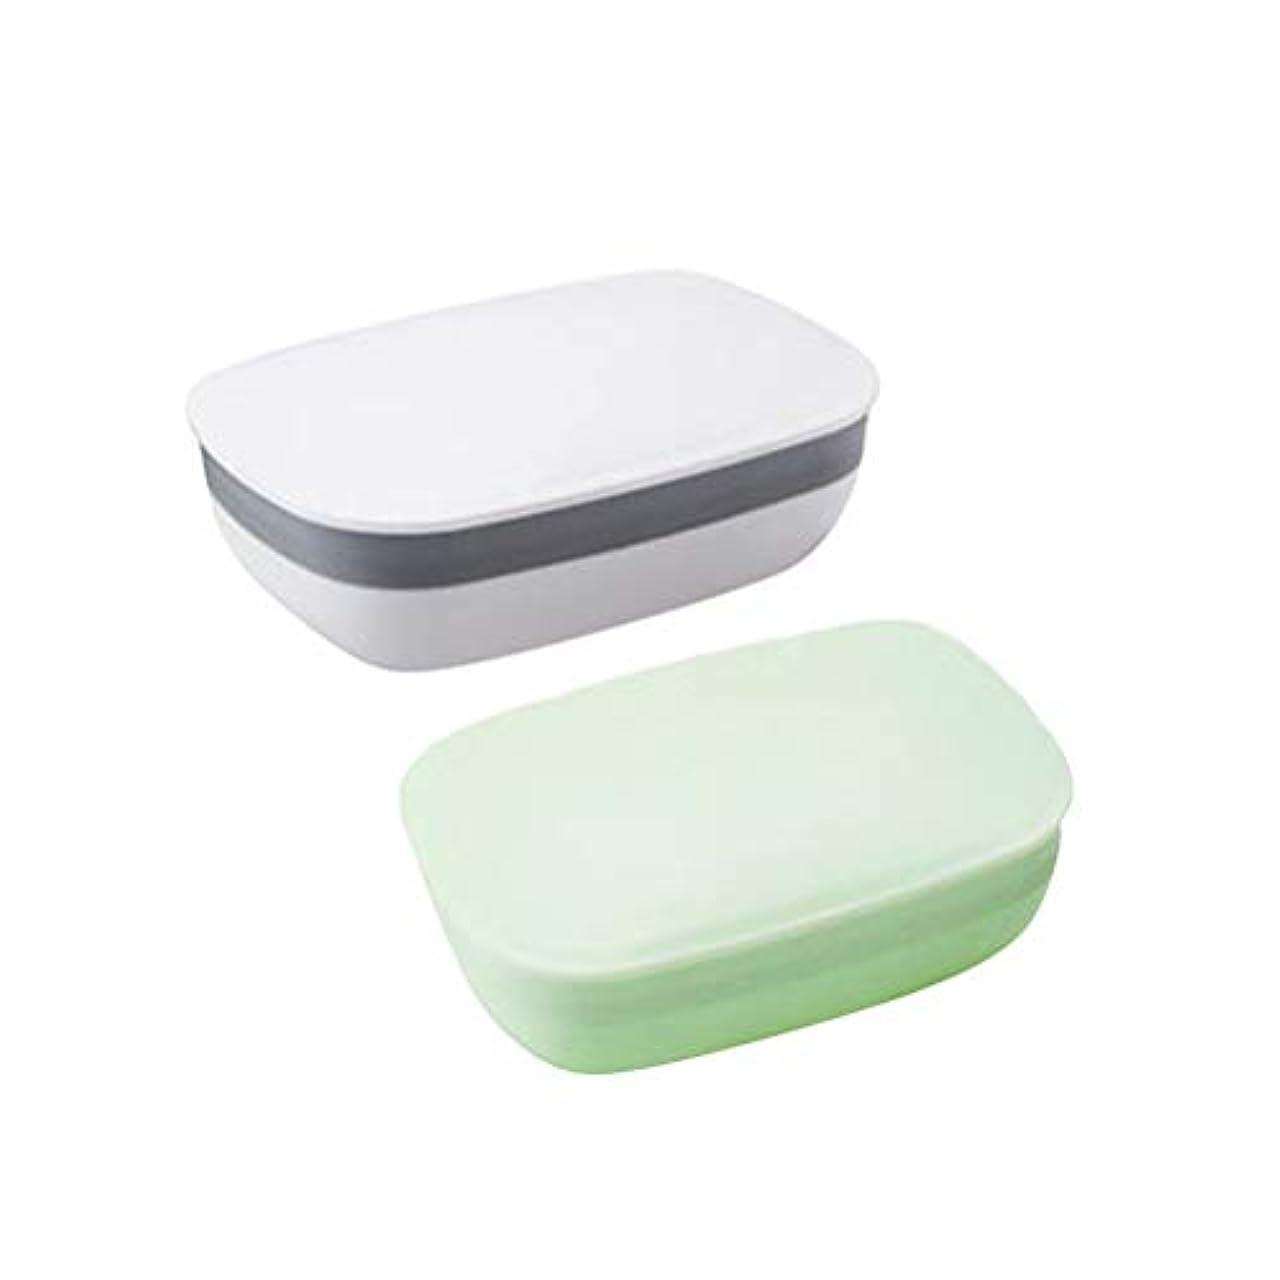 マッシュ不正確ジャンプHealifty ソープドレーナープラスチックソープホルダーコンテナソープセーバーボックスケース浴室用シャワーホームアウトドア旅行セット2(ランダムカラー)